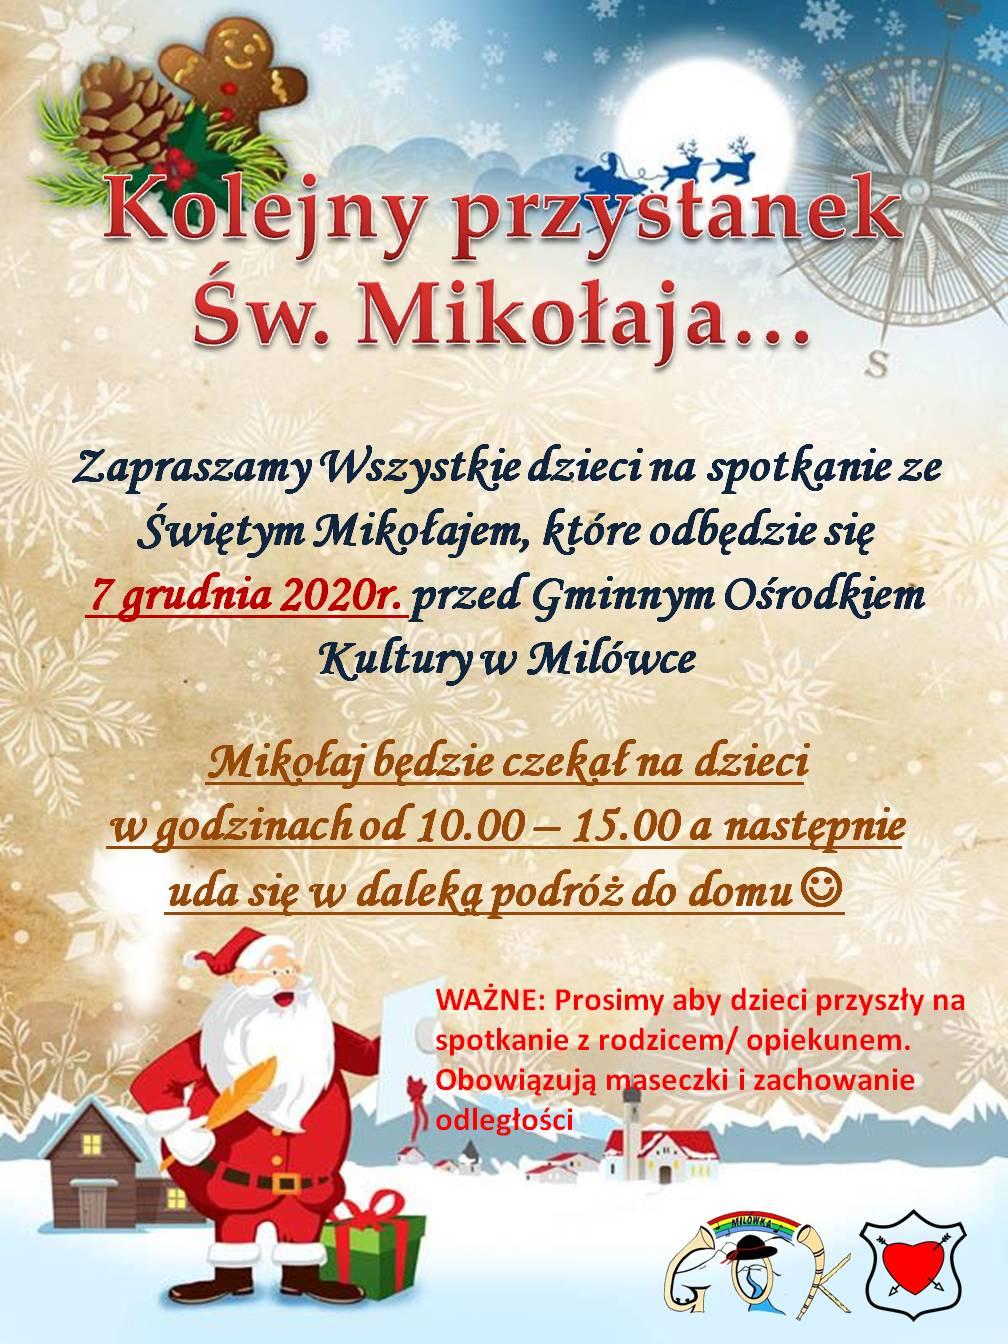 Święty Mikołaj przyjedzie do GOK-u :)